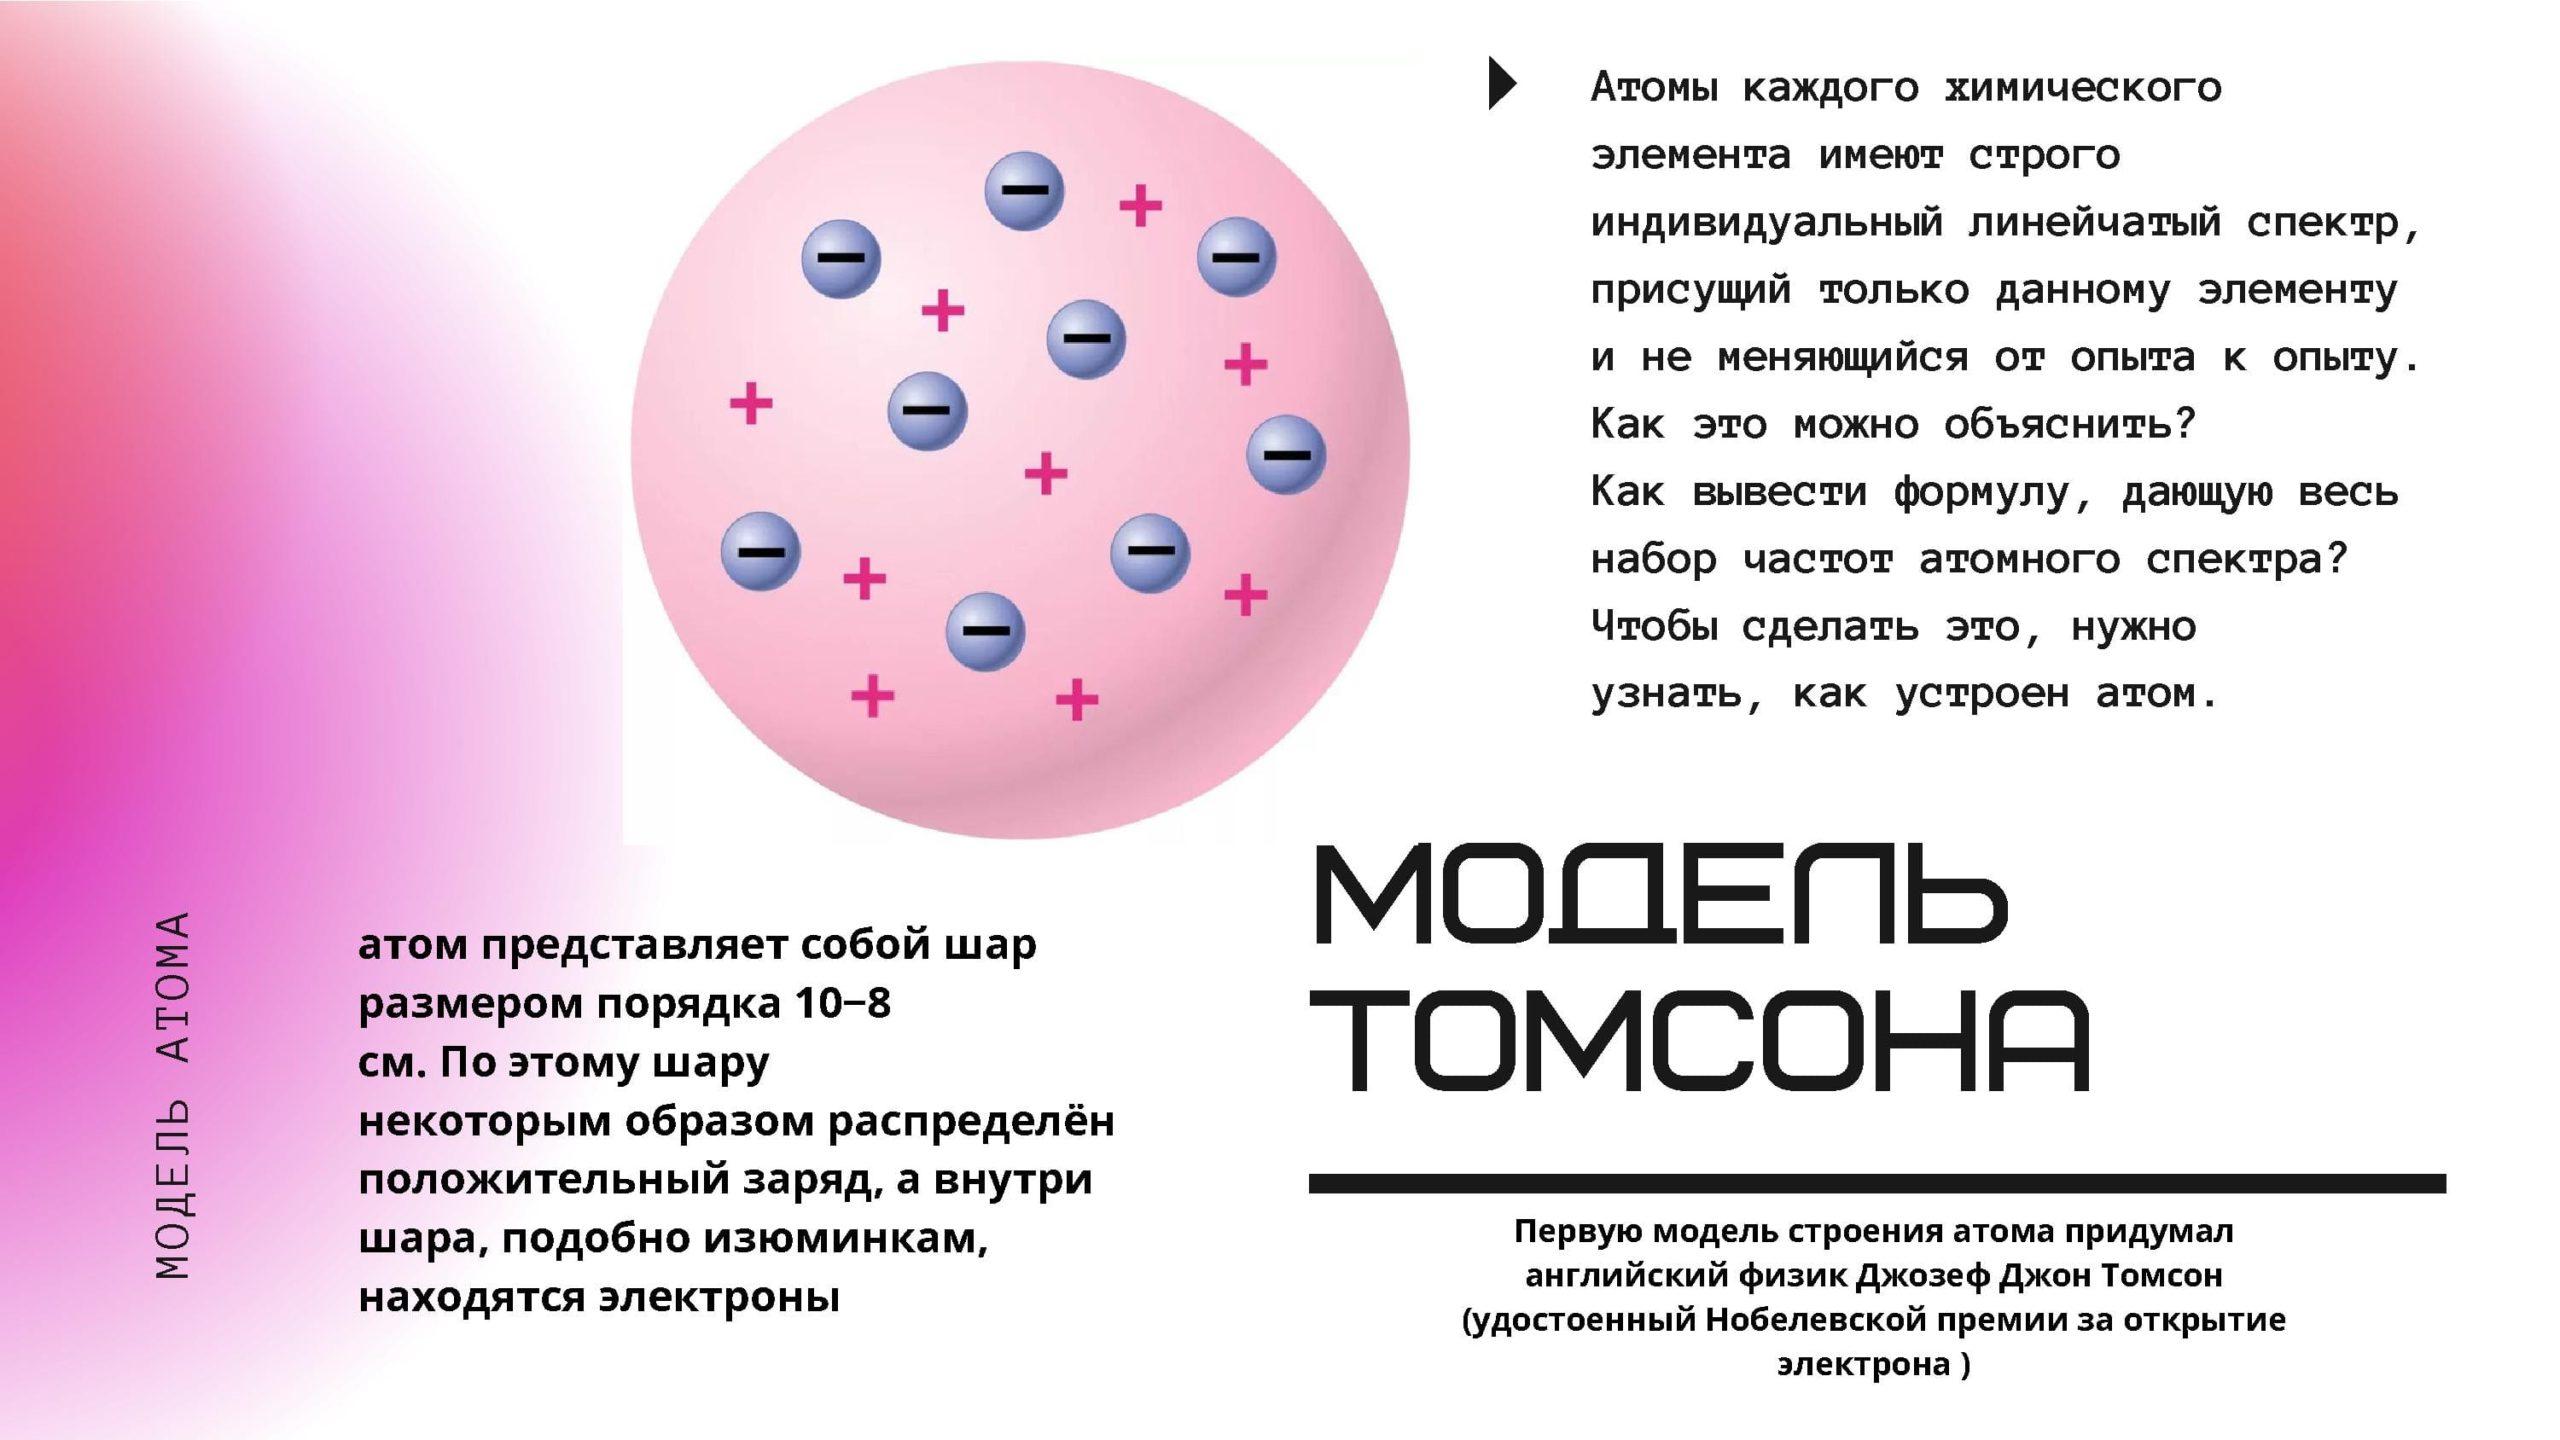 Модель Томсона